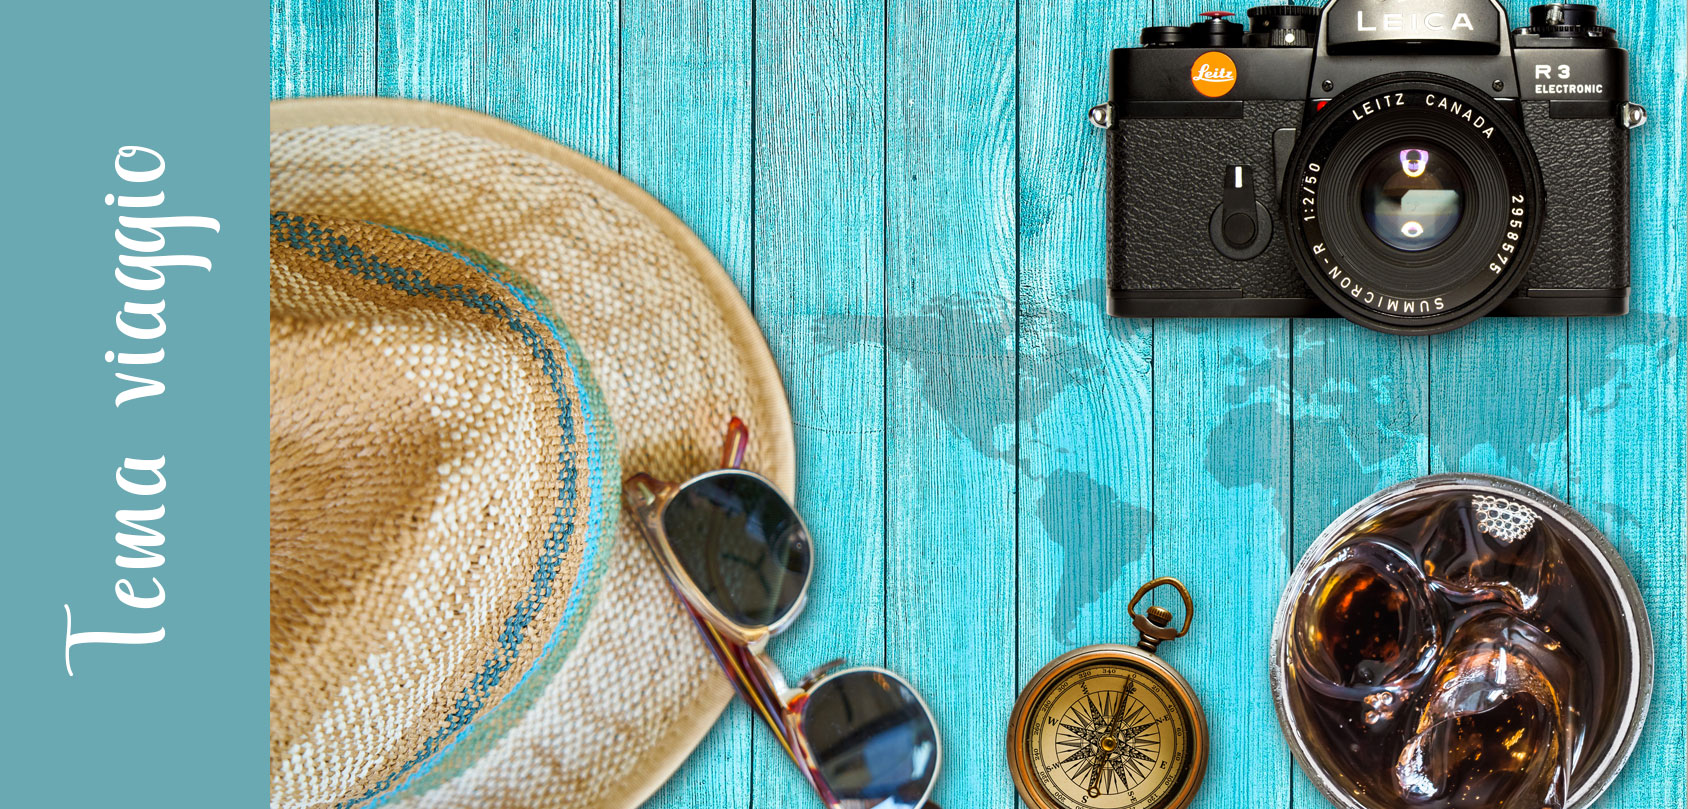 Matrimonio Tema Viaggio : Matrimonio tema viaggio idee e consigli per un